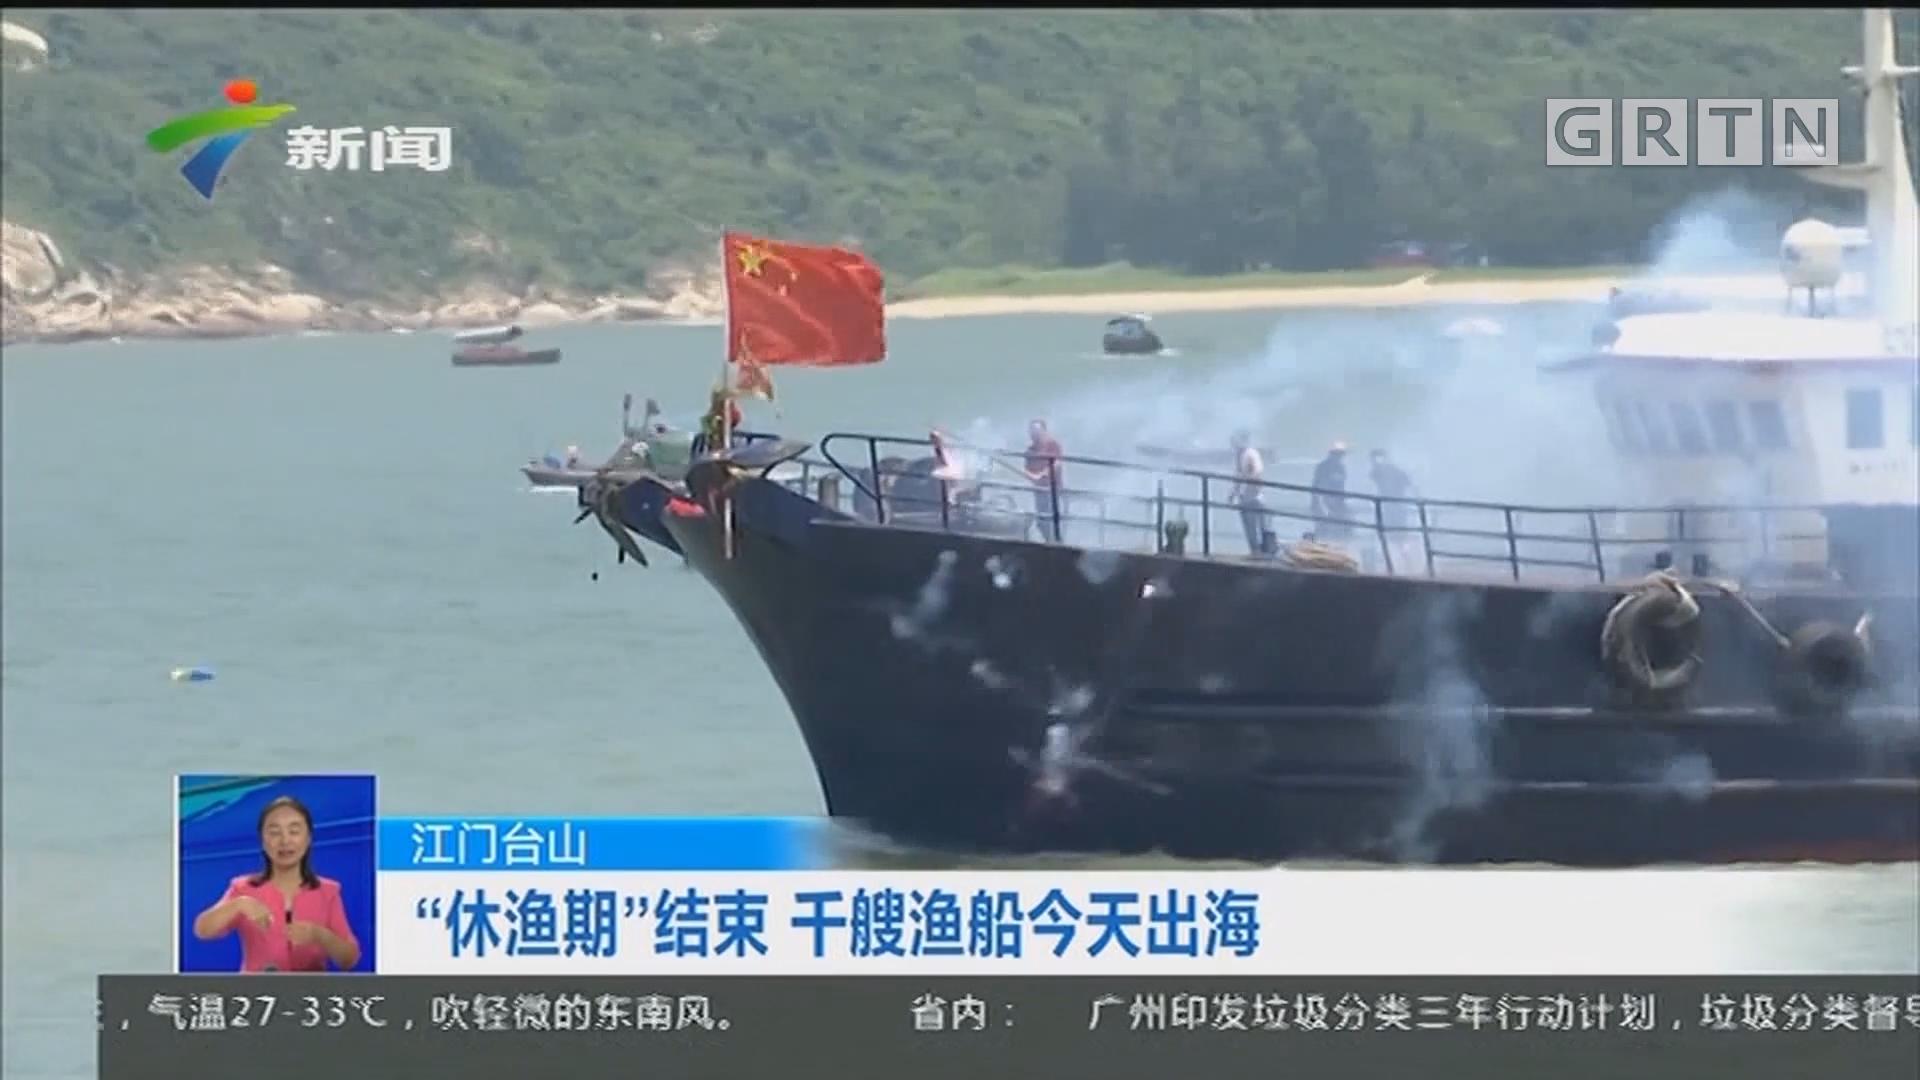 """江门台山 """"休渔期""""结束 千艘渔船今天出海"""